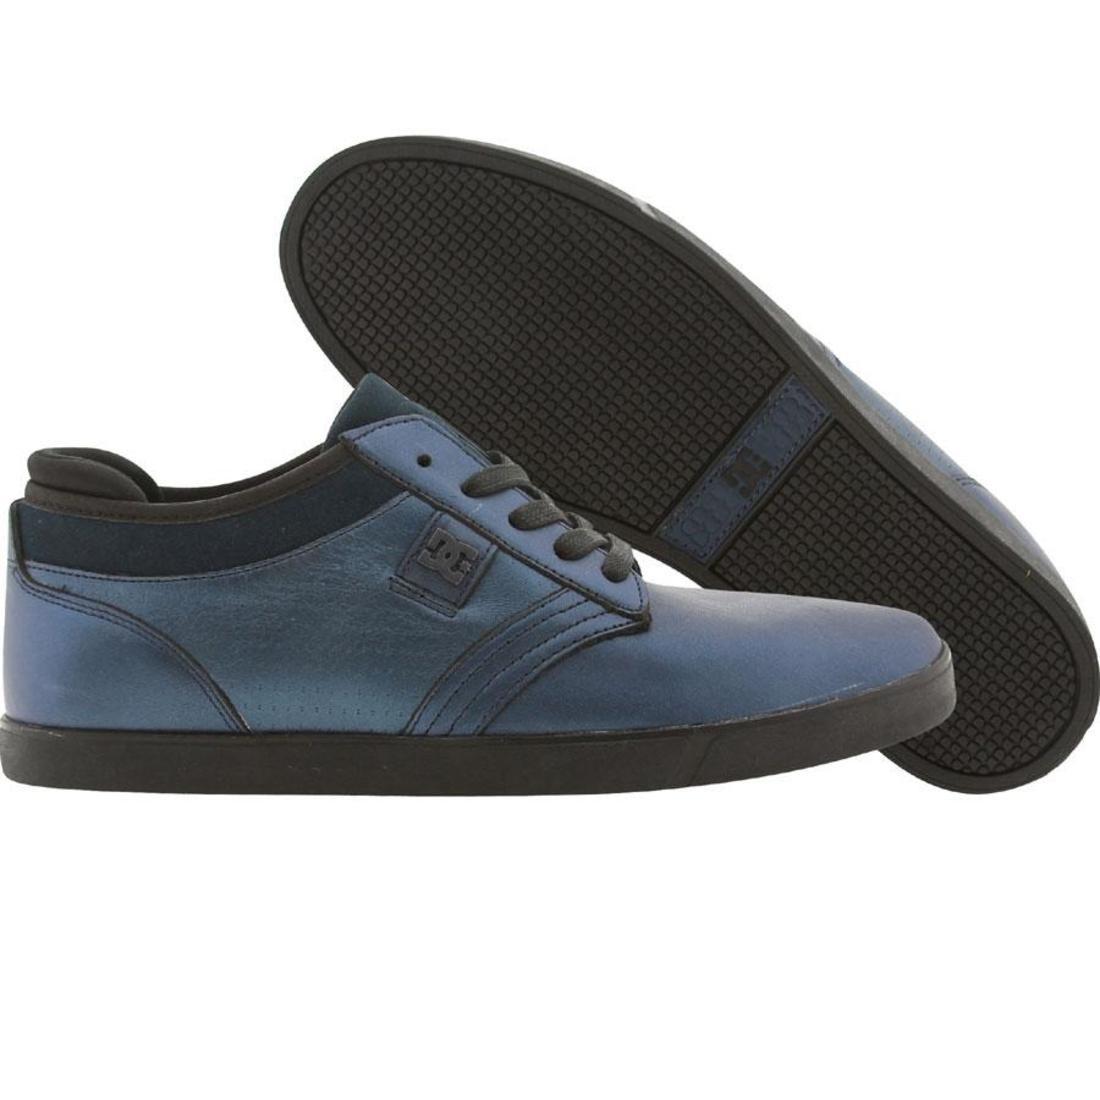 【海外限定】ディーシー コレクション セクター メンズ靴 スニーカー 【 DC LIFE COLLECTION SECTOR 7 BLACK BLUE 】